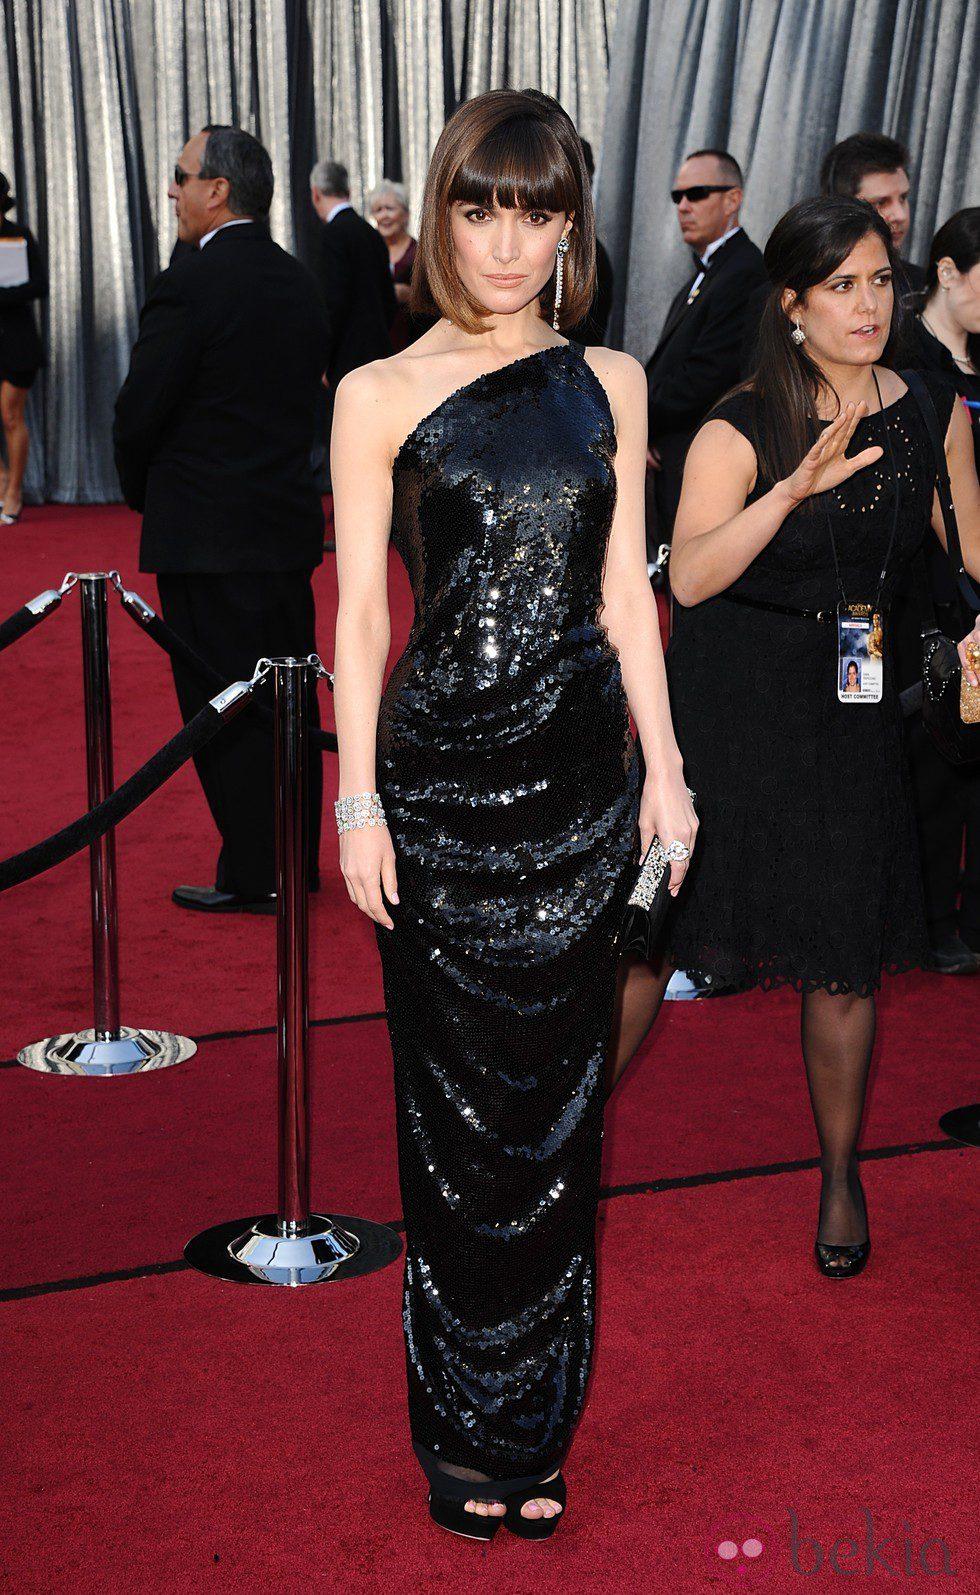 Rose Byrne con melena bob en la alfombra roja de los Oscar 2012